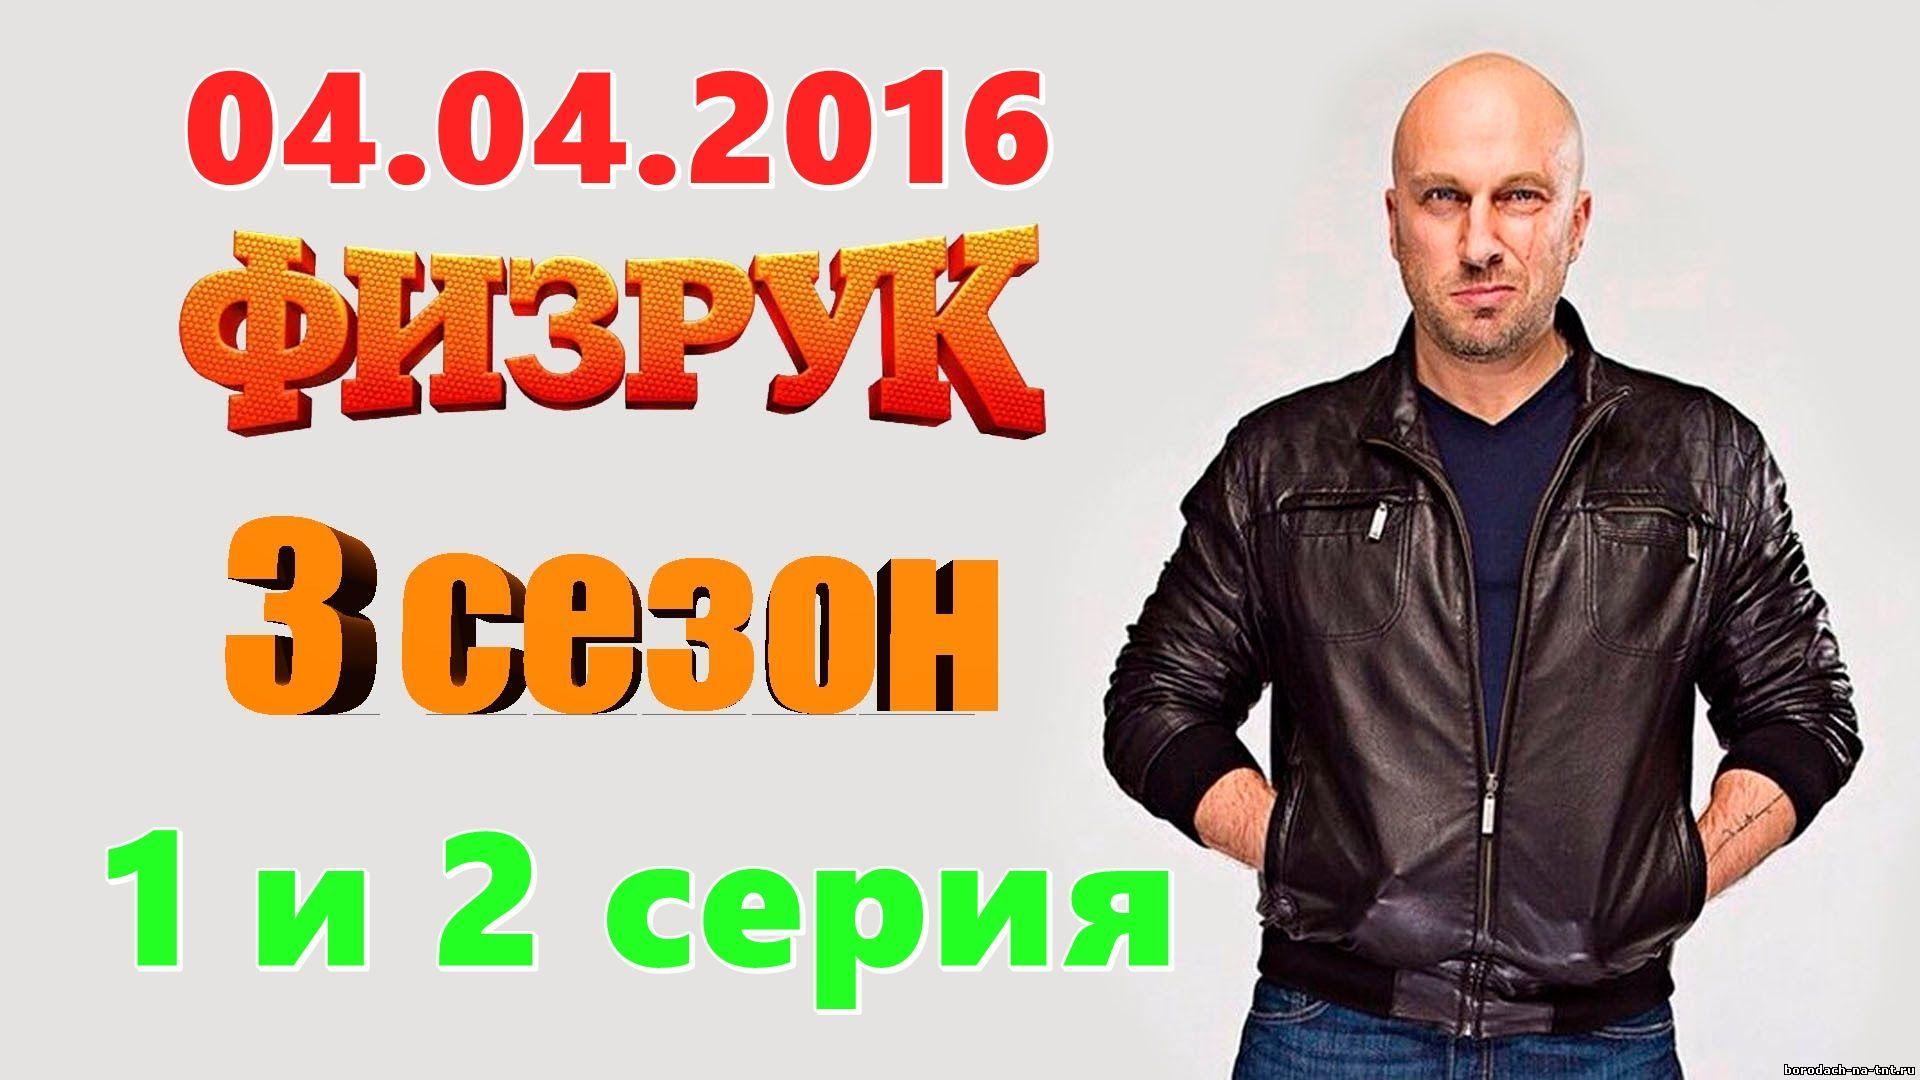 Физрук 3 сезон 1 и 2 серия от 04.04.2016 года смотреть ...